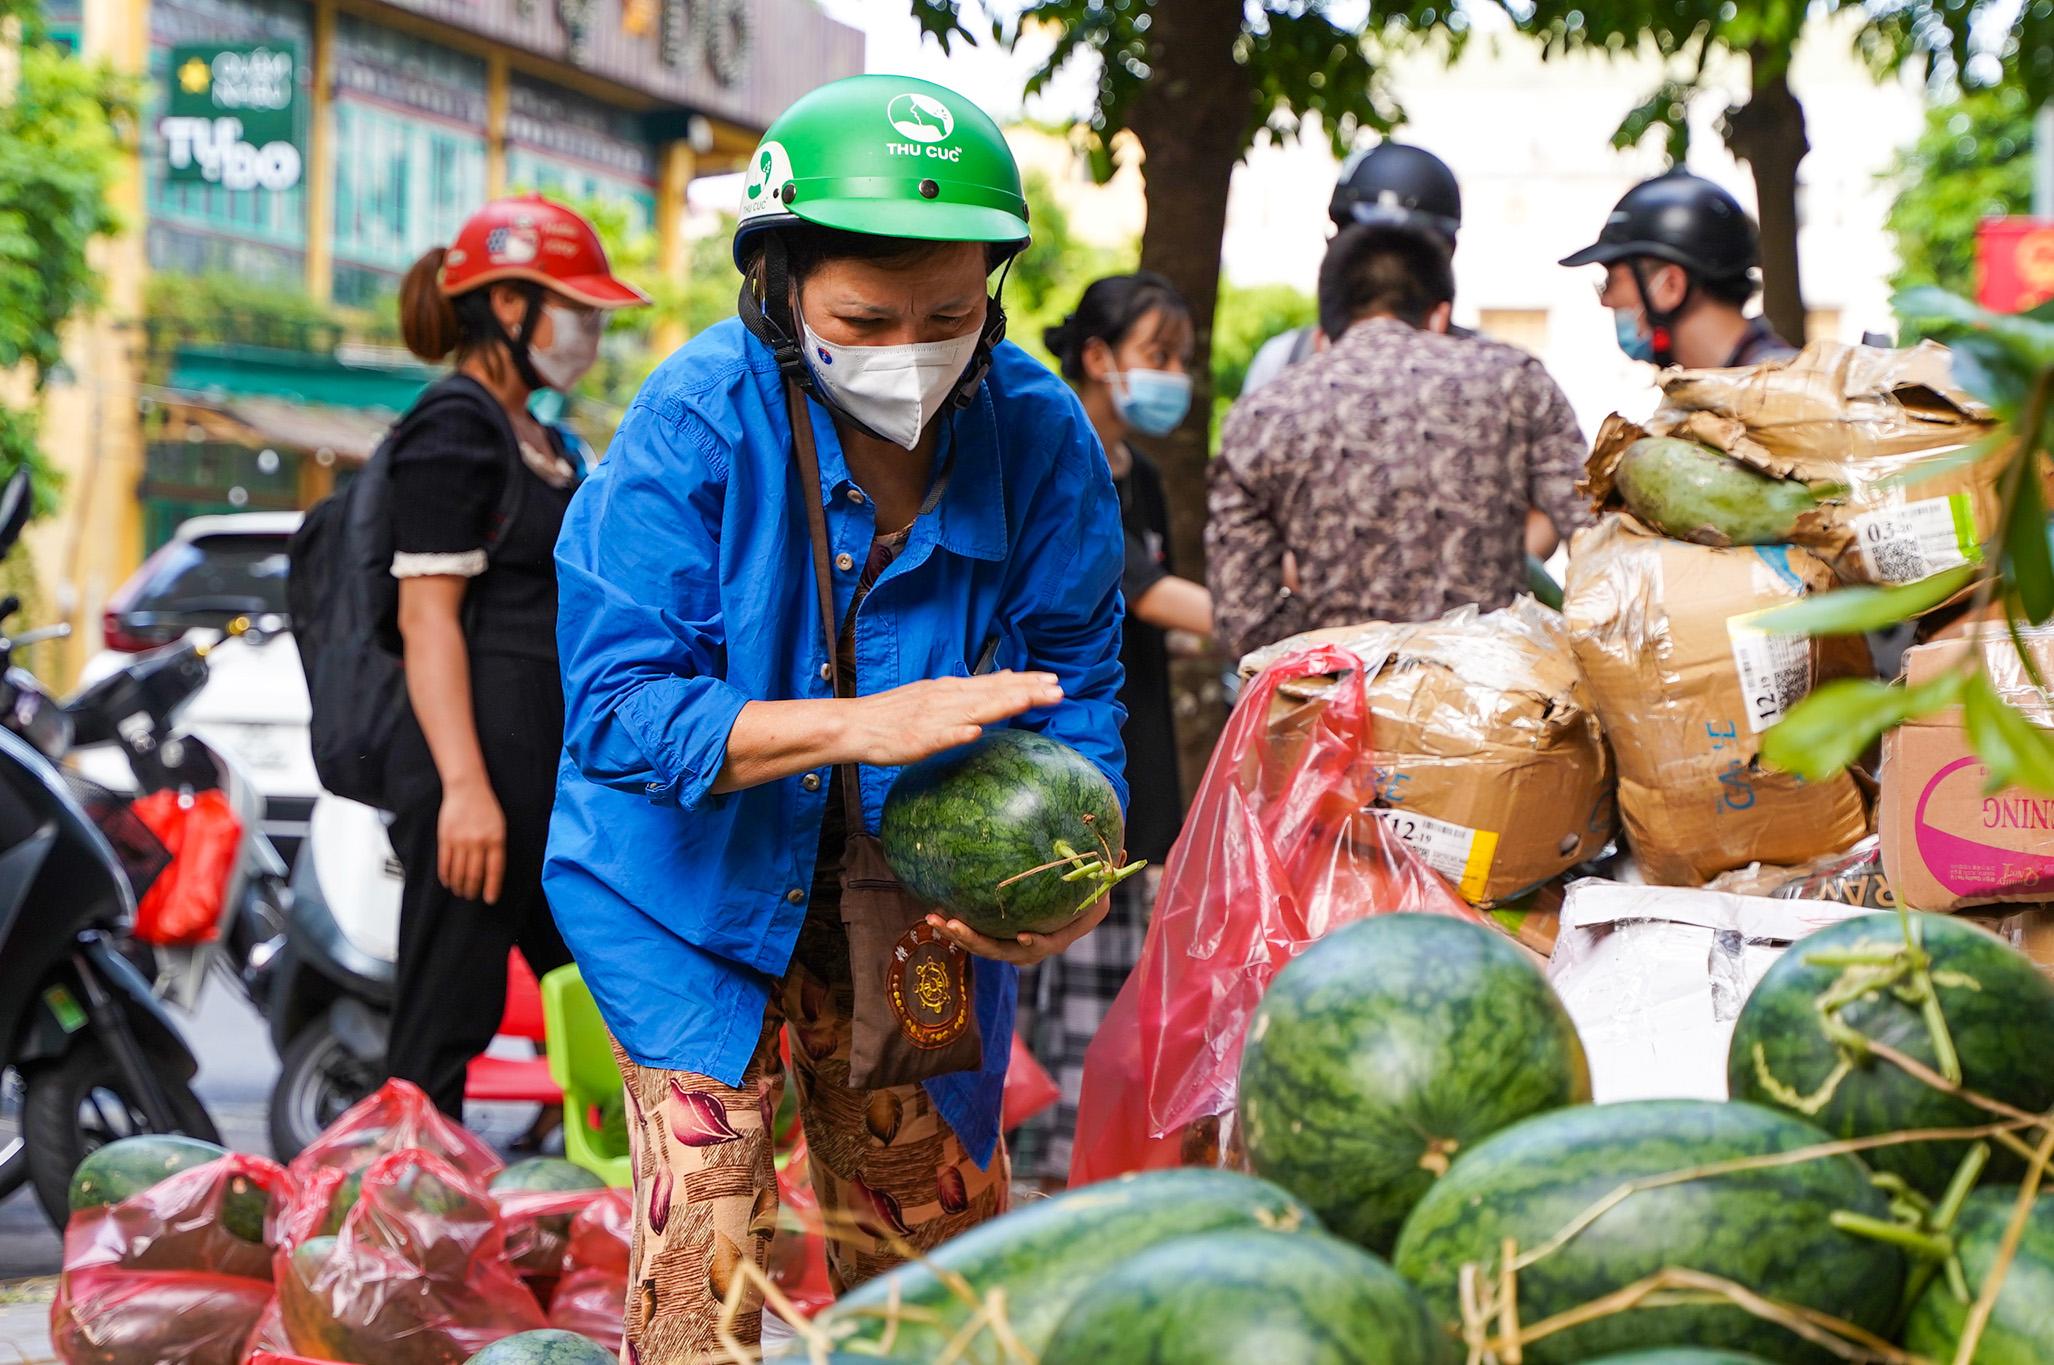 Hơn 60 tấn dưa hấu Bắc Giang được người dân Hà Nội giải cứu - Ảnh 8.